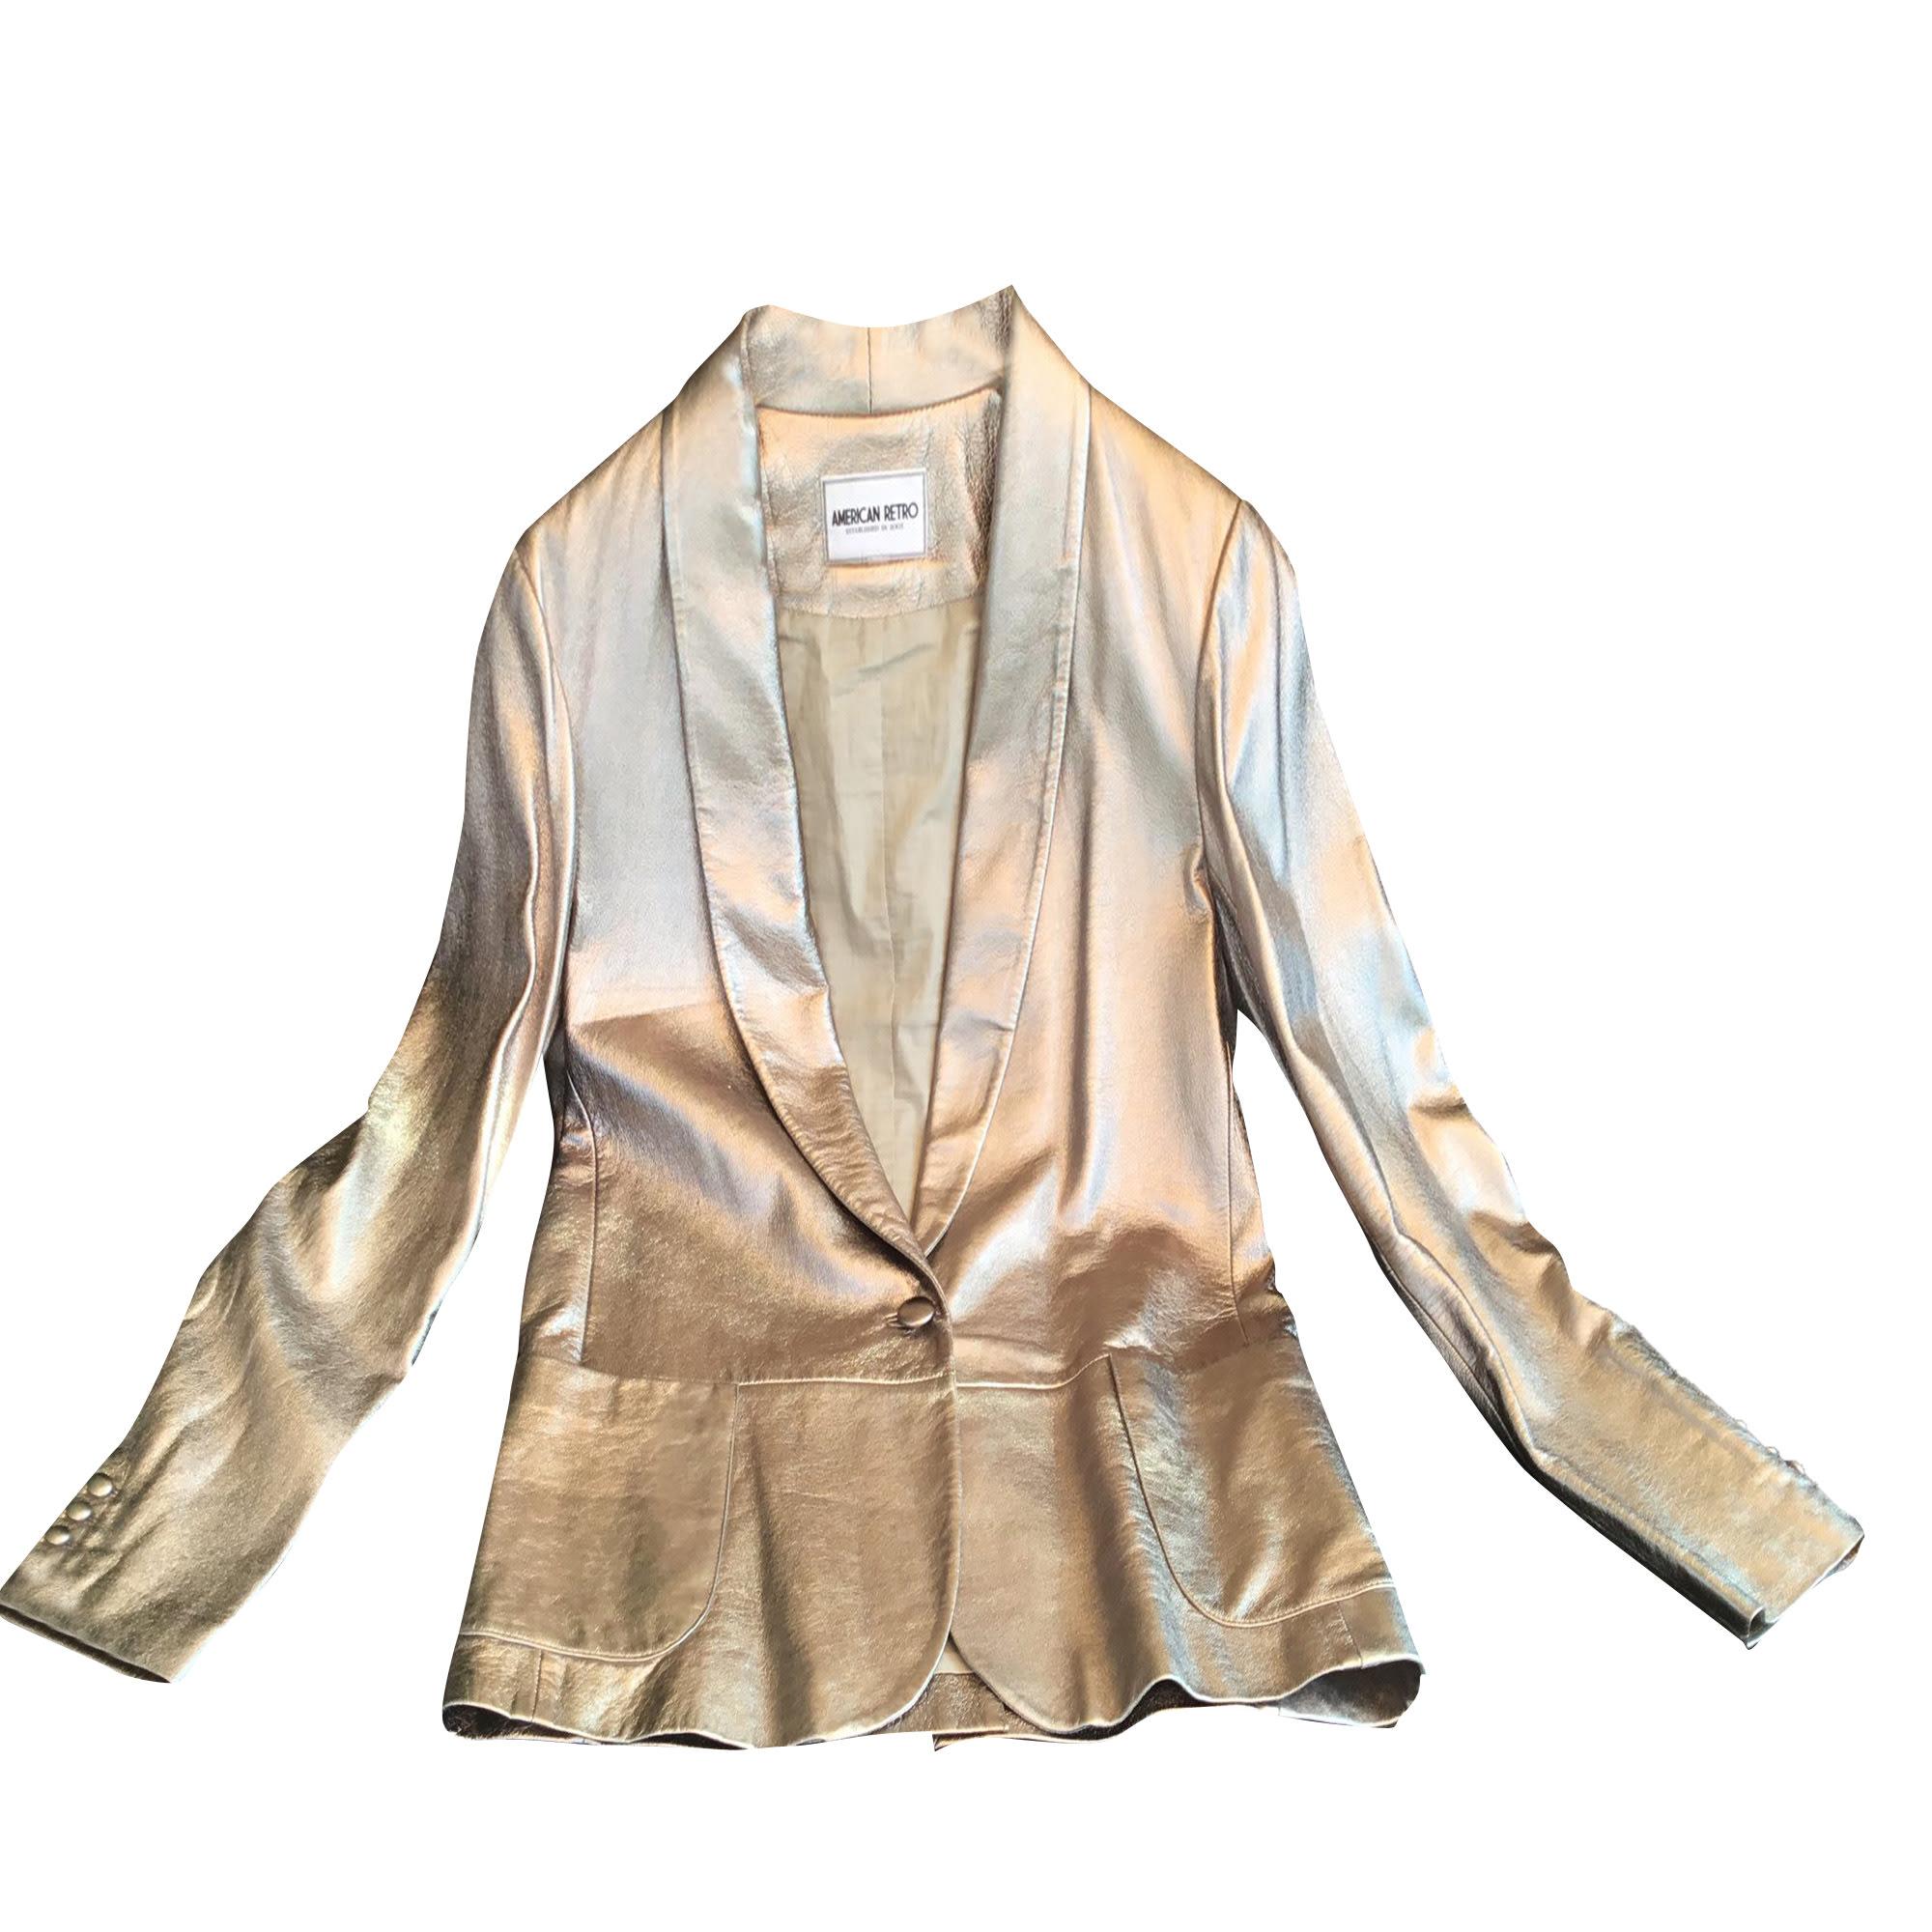 Veste en cuir AMERICAN RETRO Doré, bronze, cuivre